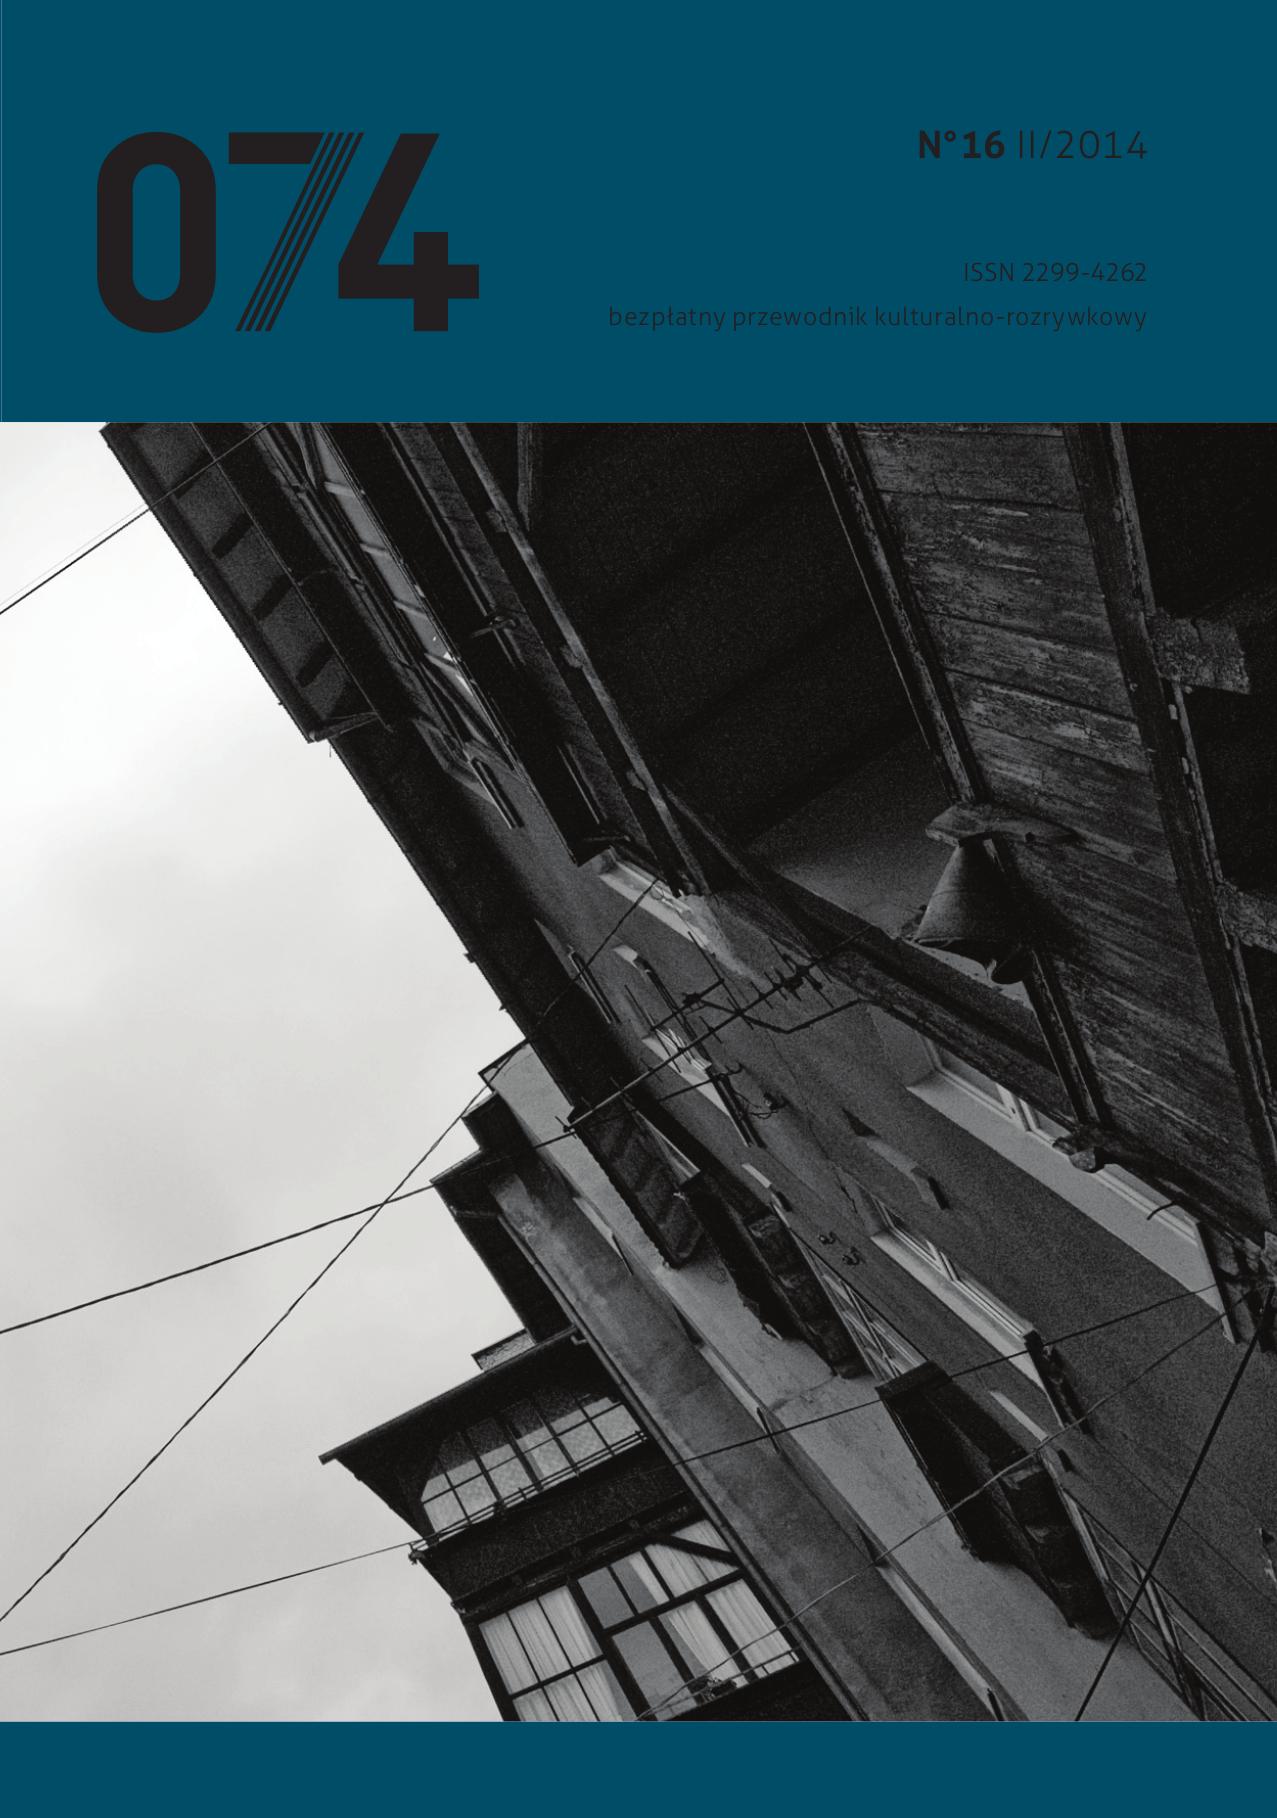 074: informator kulturalno-rozrywkowy (nr 16)